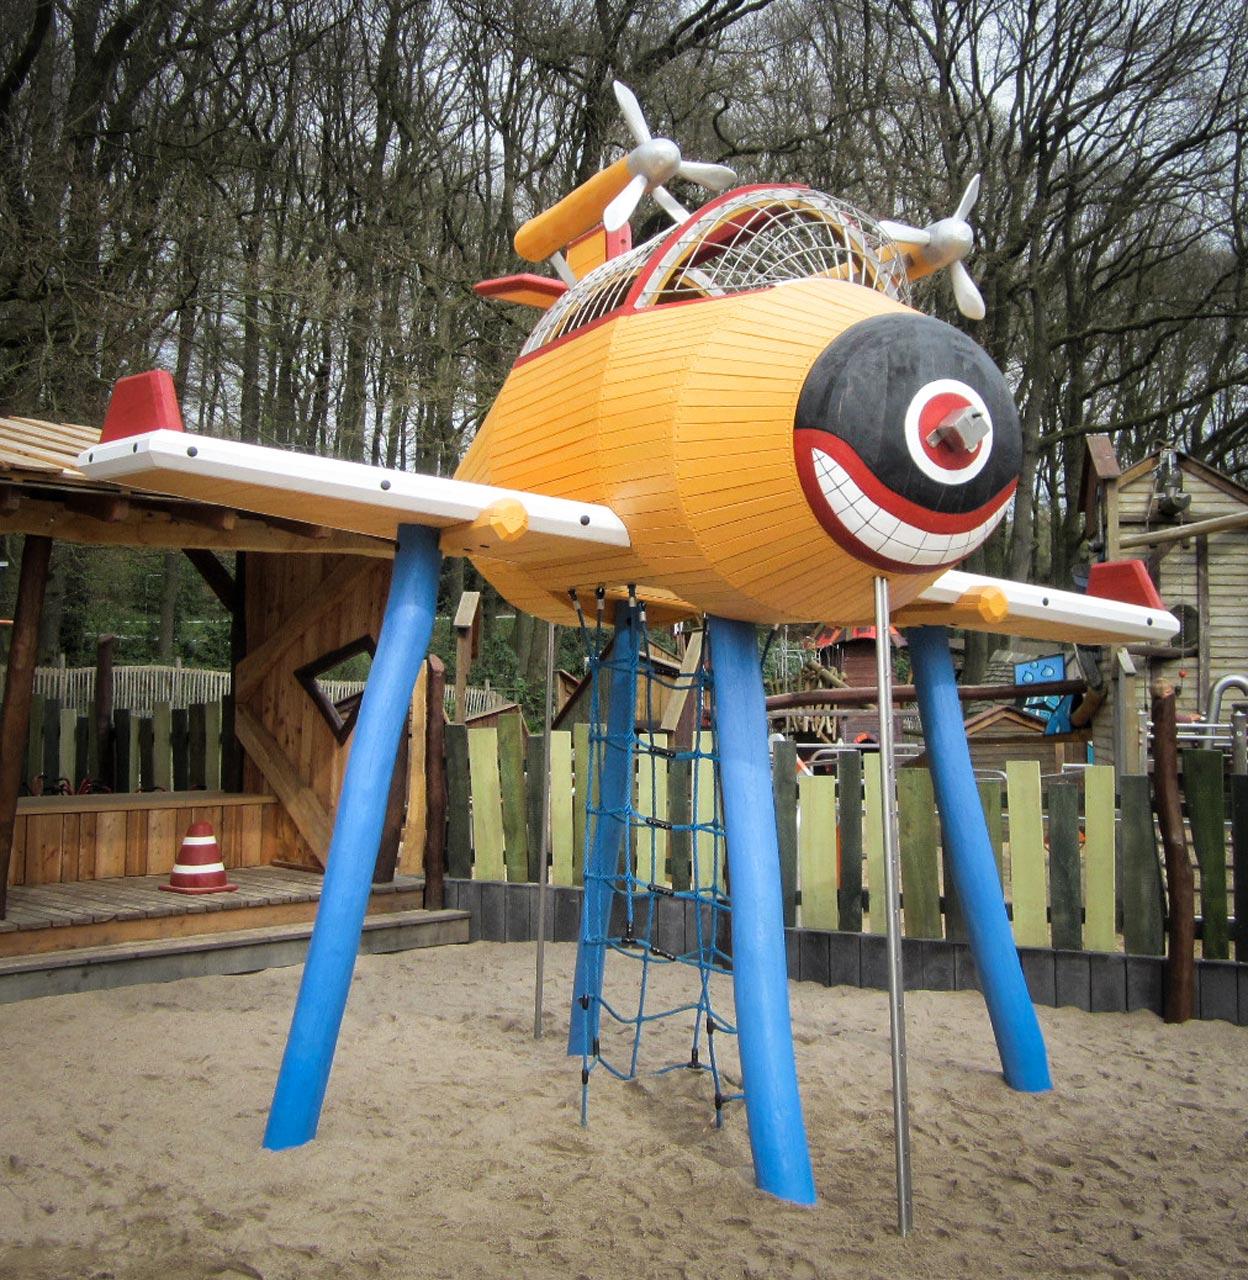 N 106 Löschflugzeug Spielgerät